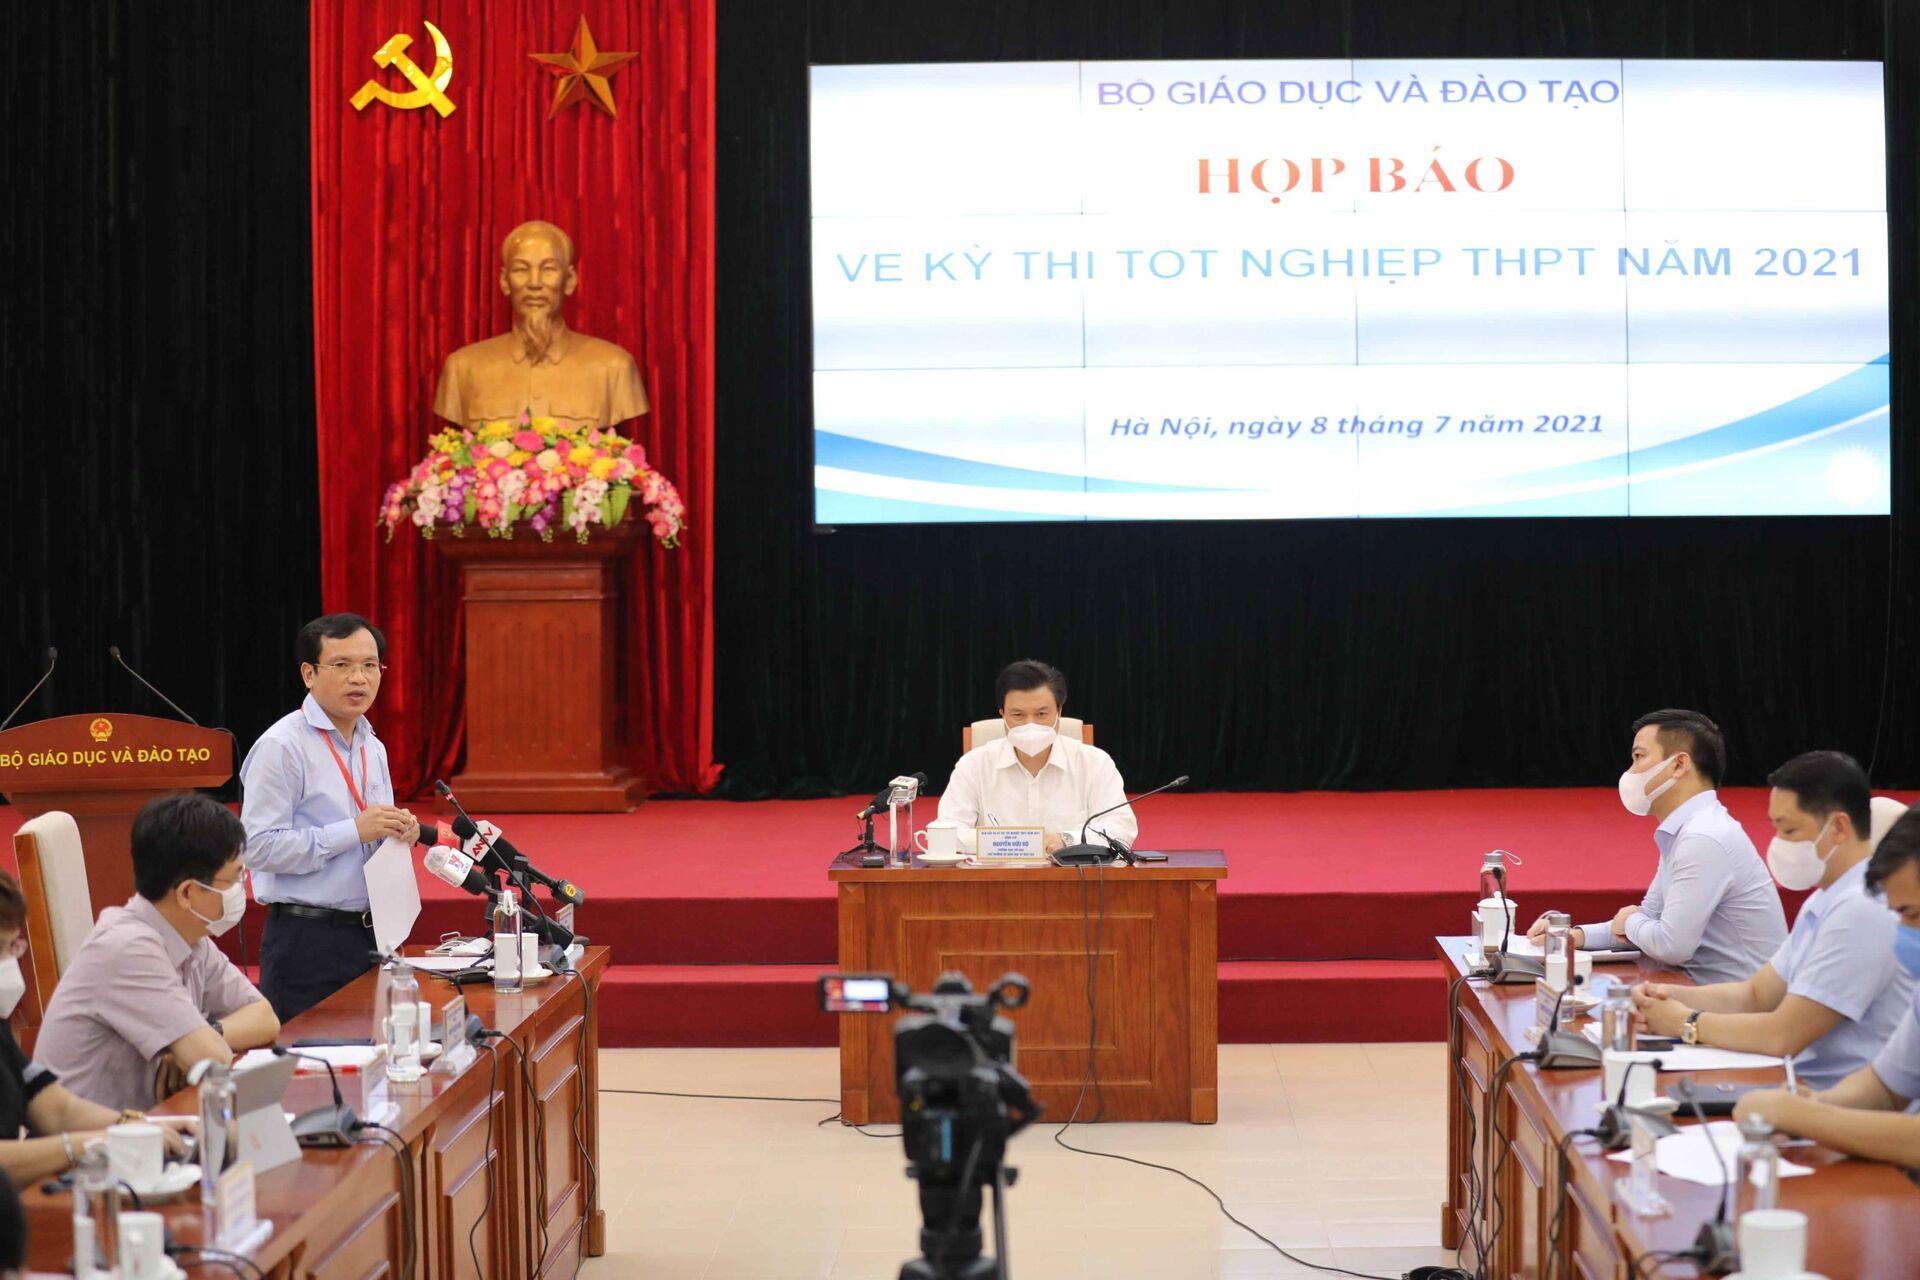 Lần chấm thi tốt nghiệp nghiêm ngặt, đáng nhớ mùa giãn cách - Sputnik Việt Nam, 1920, 13.07.2021